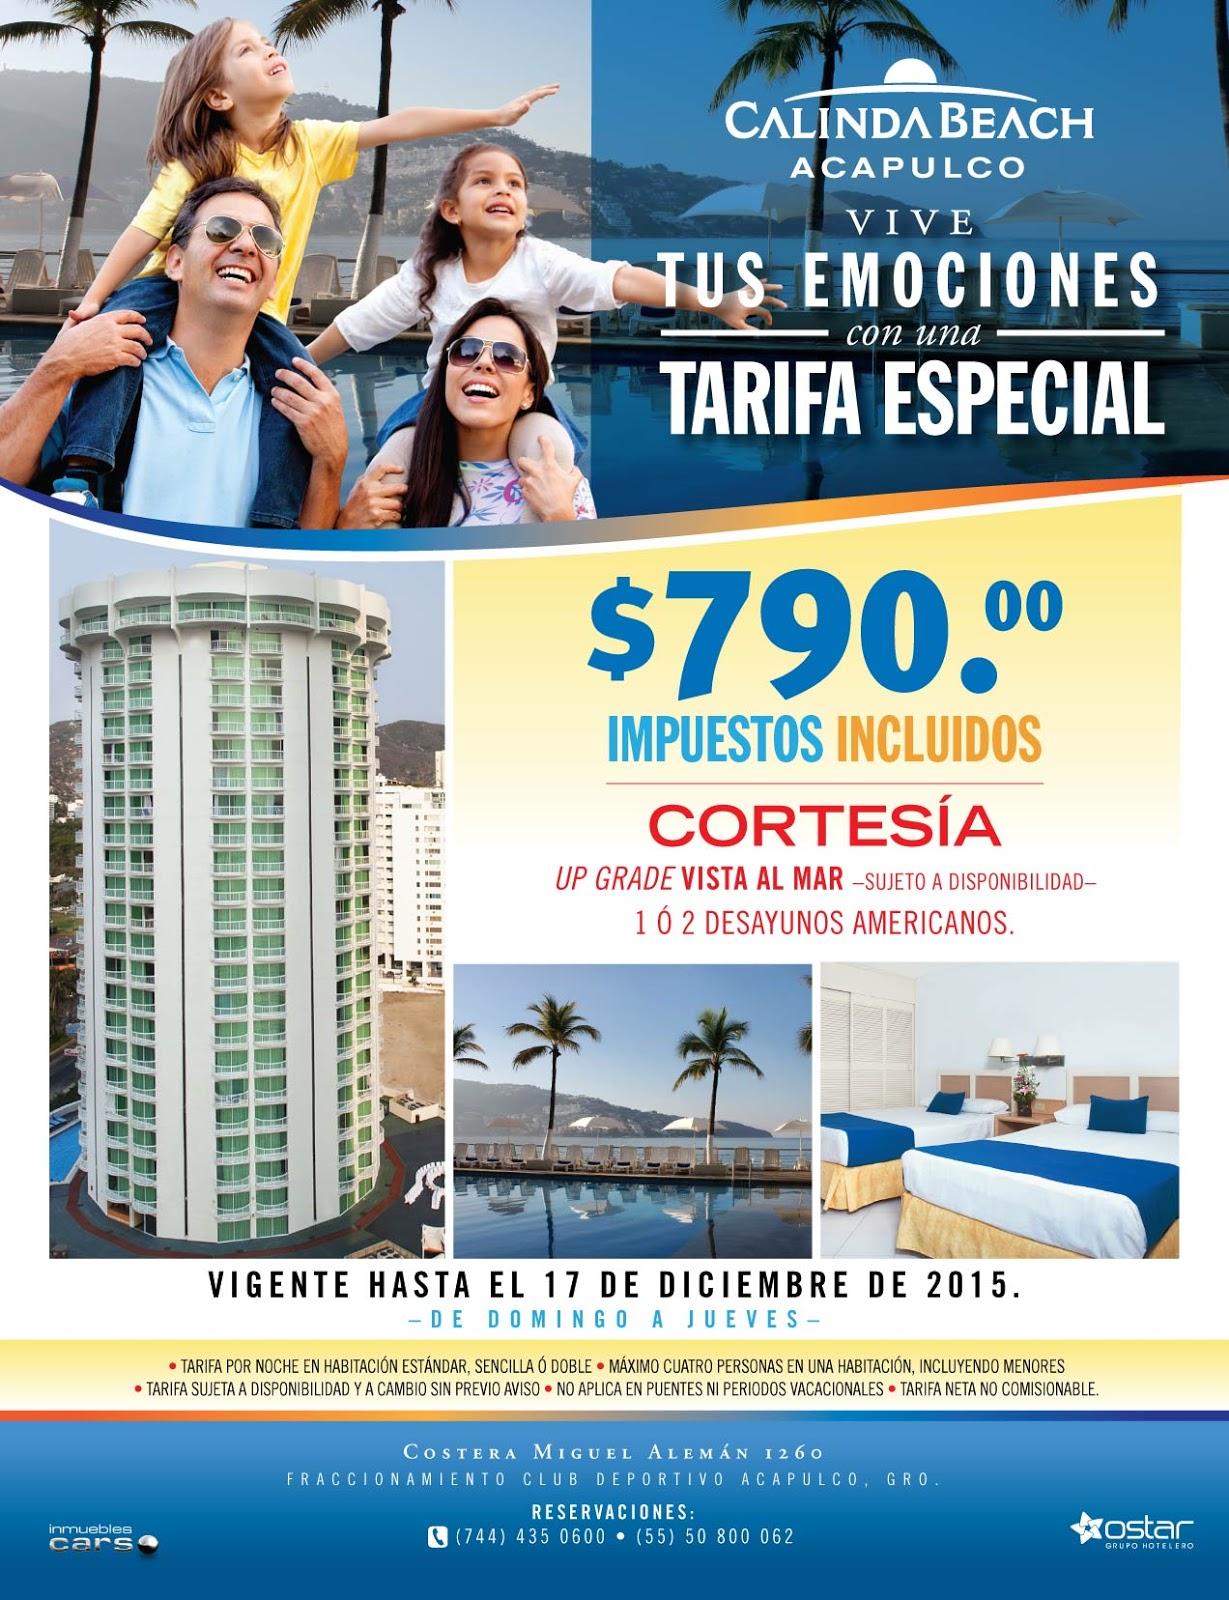 Pro secretaria de capacitaci n instrucci n y adiestramiento for Hoteles especiales madrid